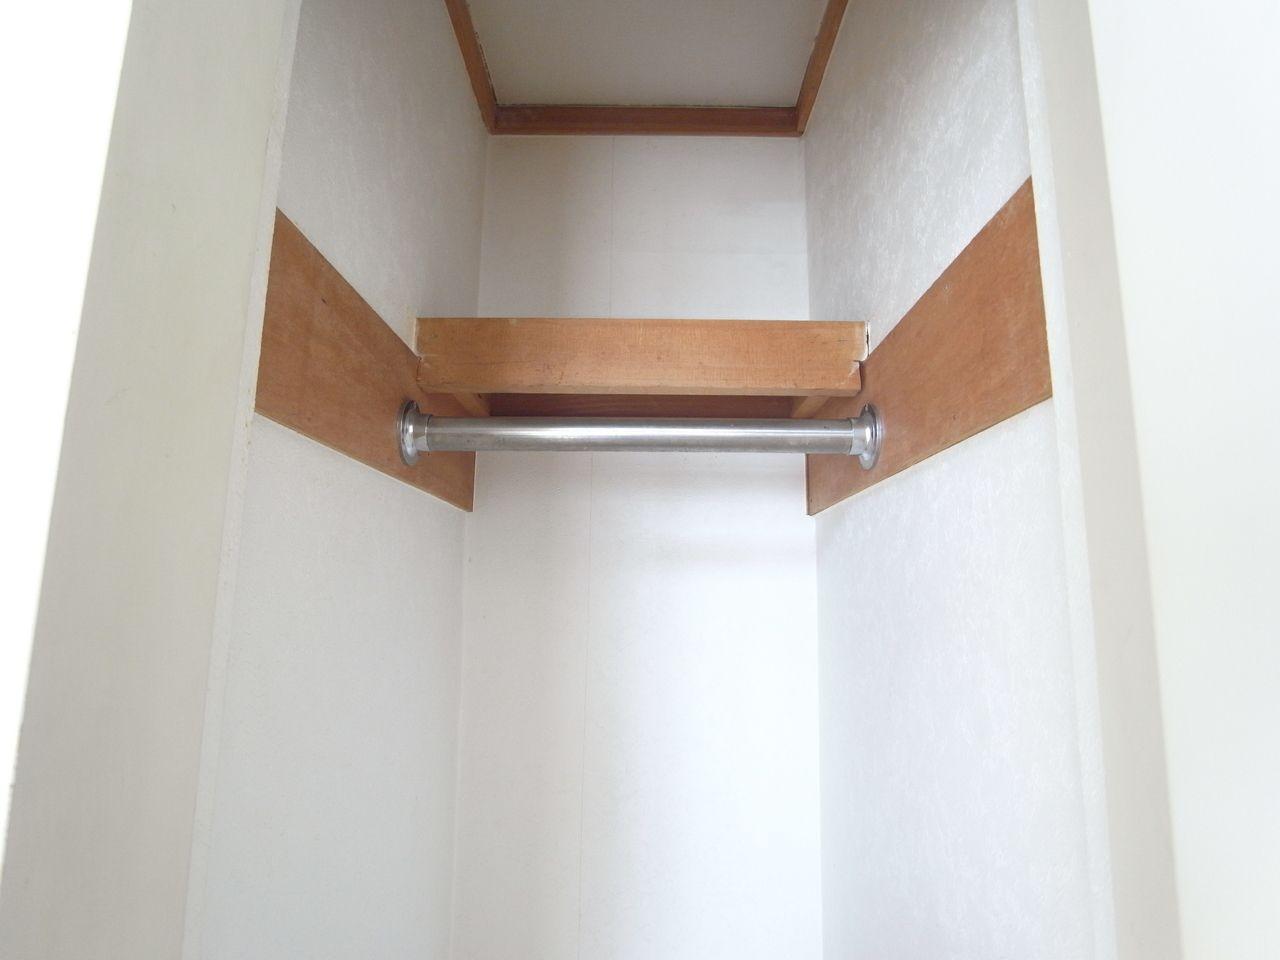 枕棚があるので上部まで収納可能